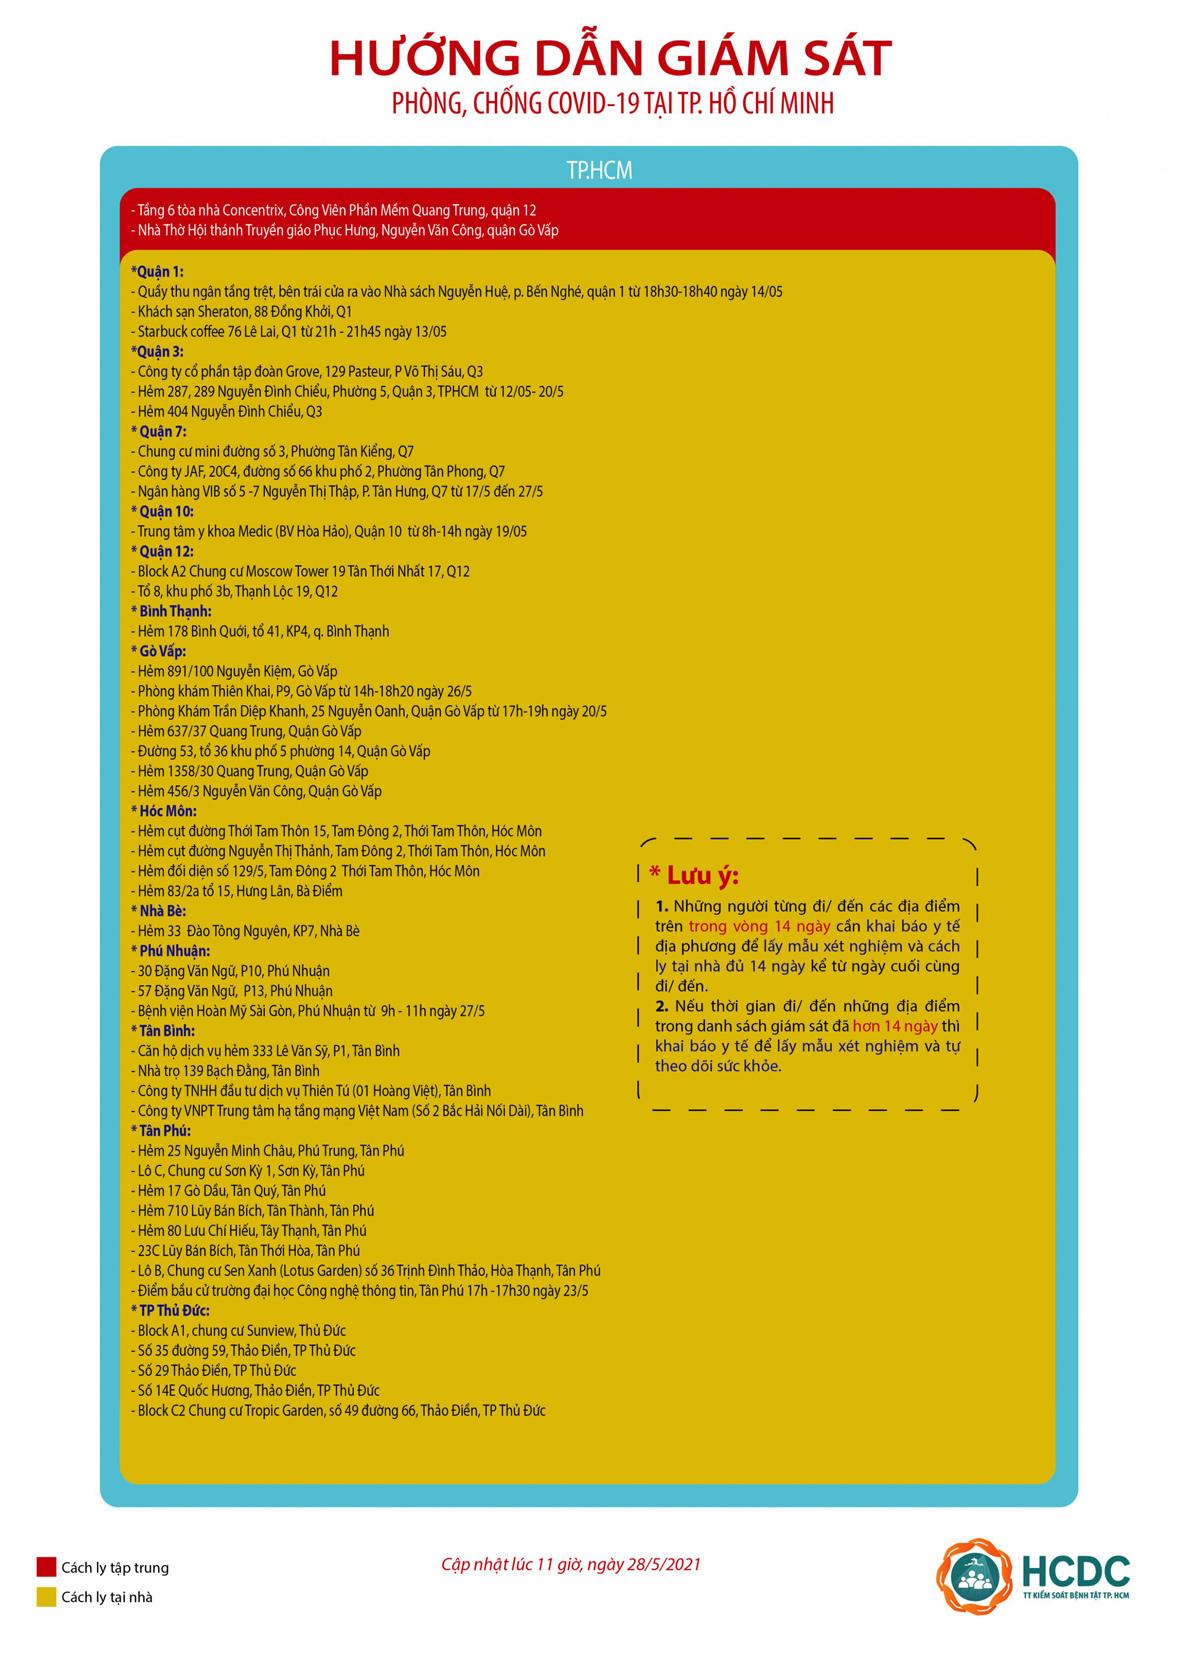 47 điểm 'nóng' liên quan dịch Covid-19 ở TP.HCM